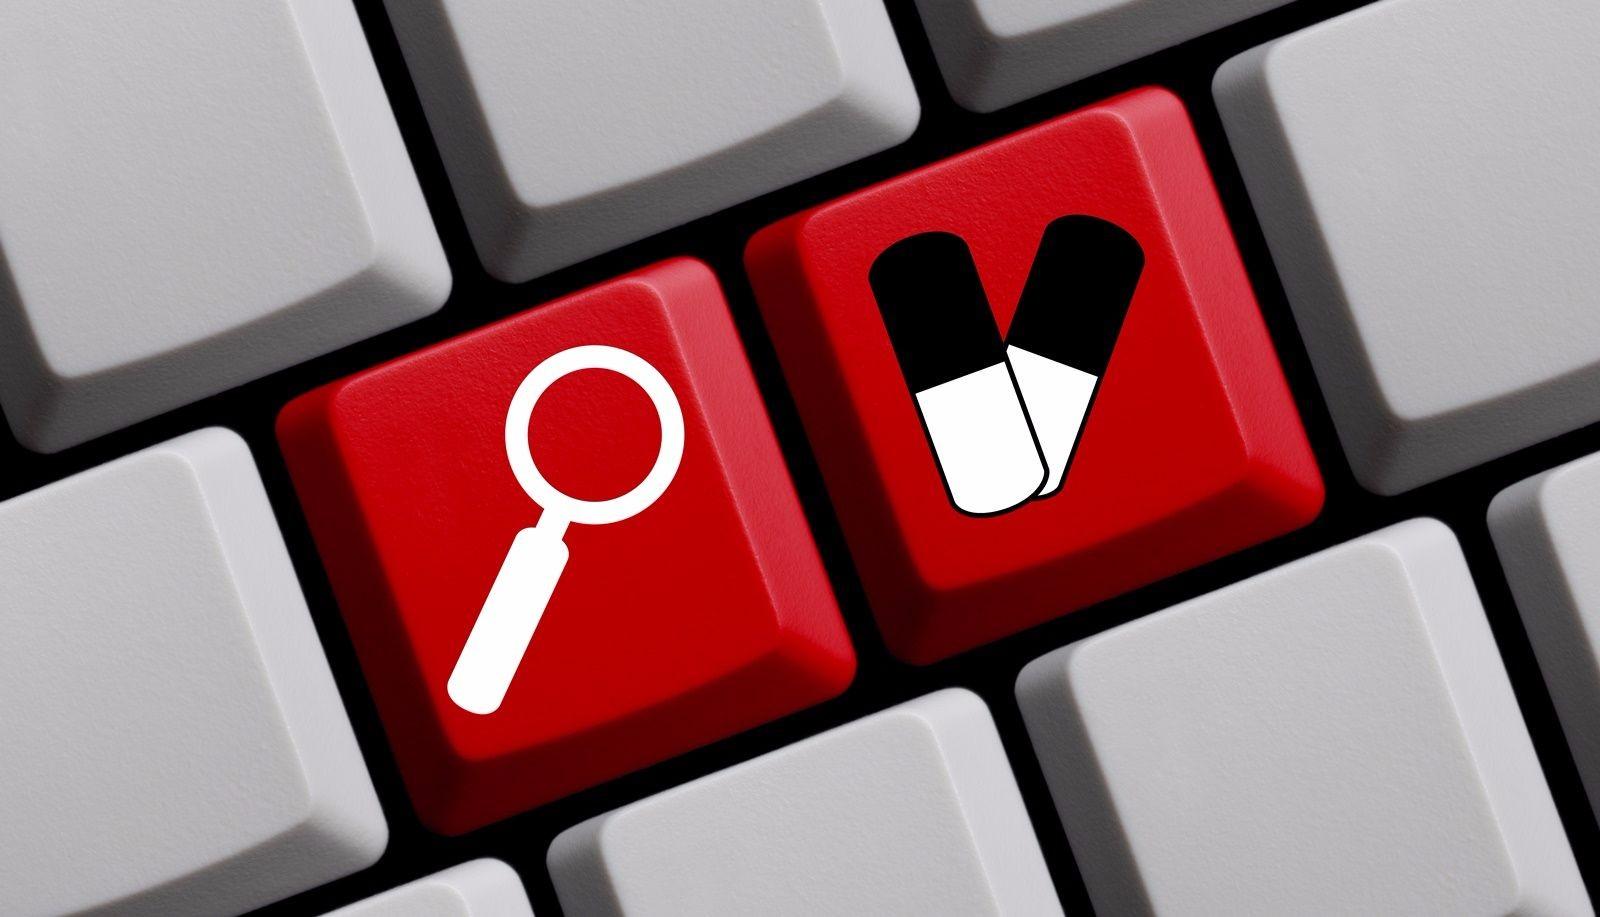 Teclado con icono de buscar y medicamentos